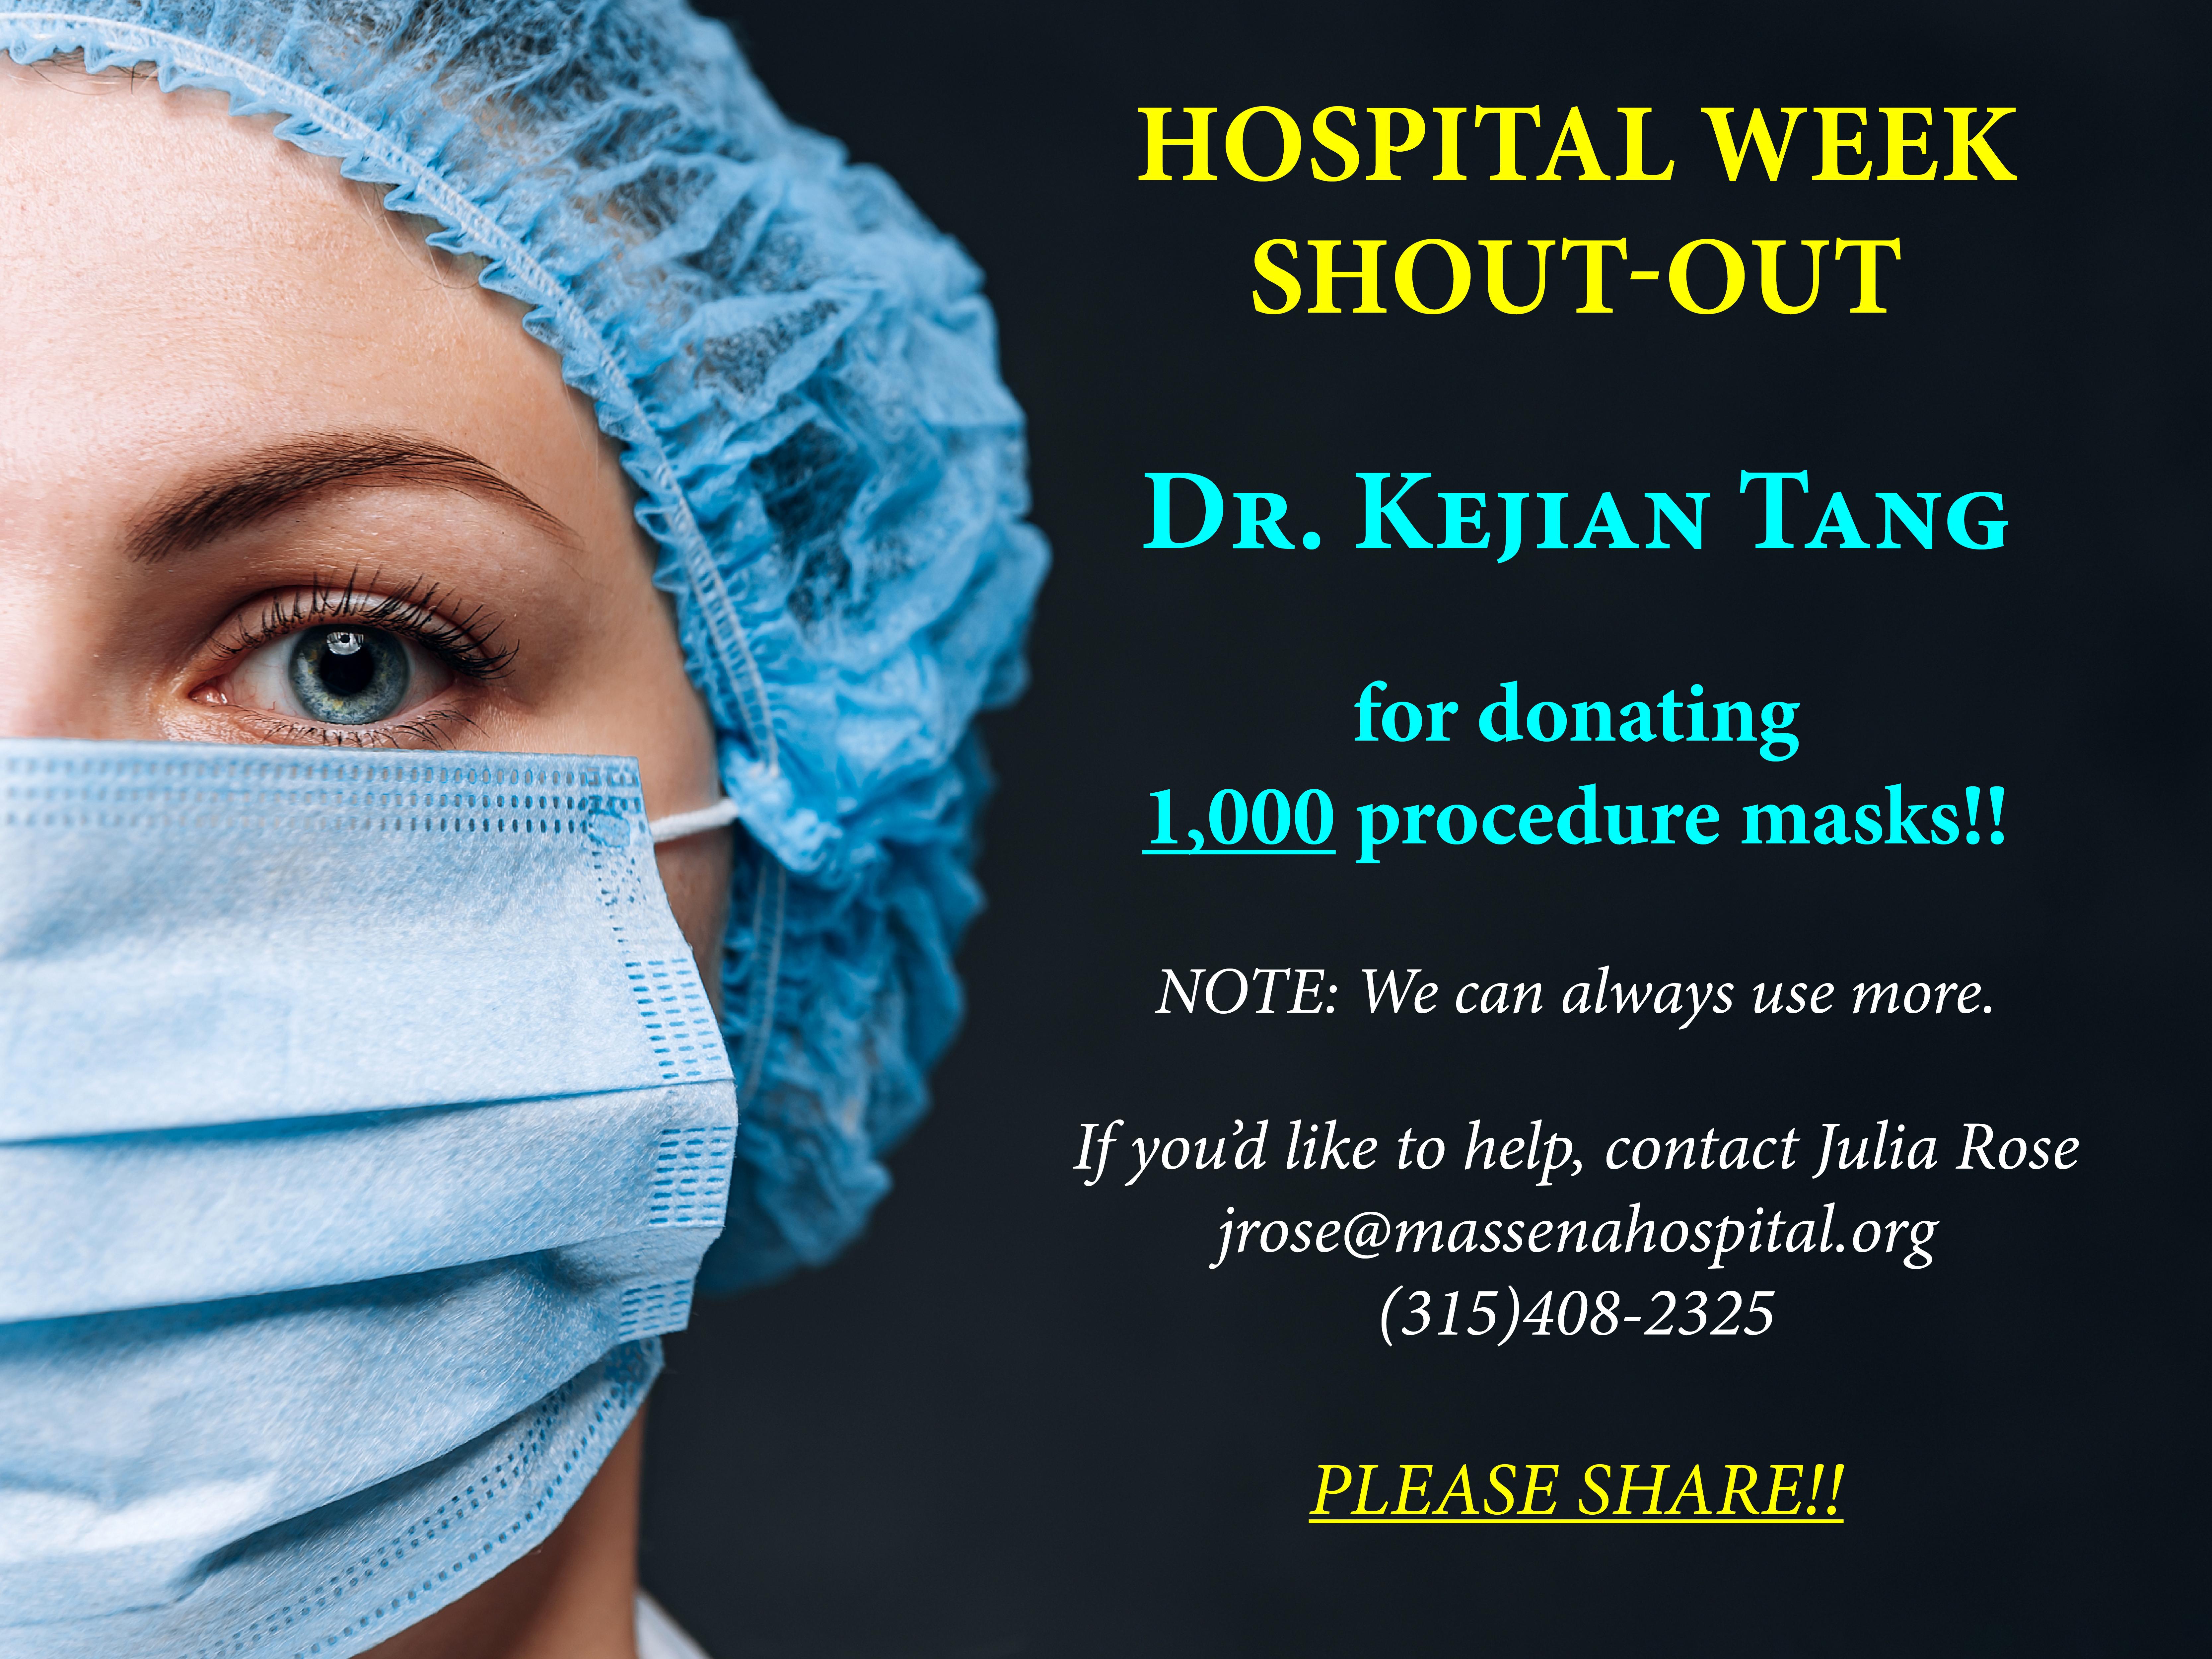 Hospital Week tues.20